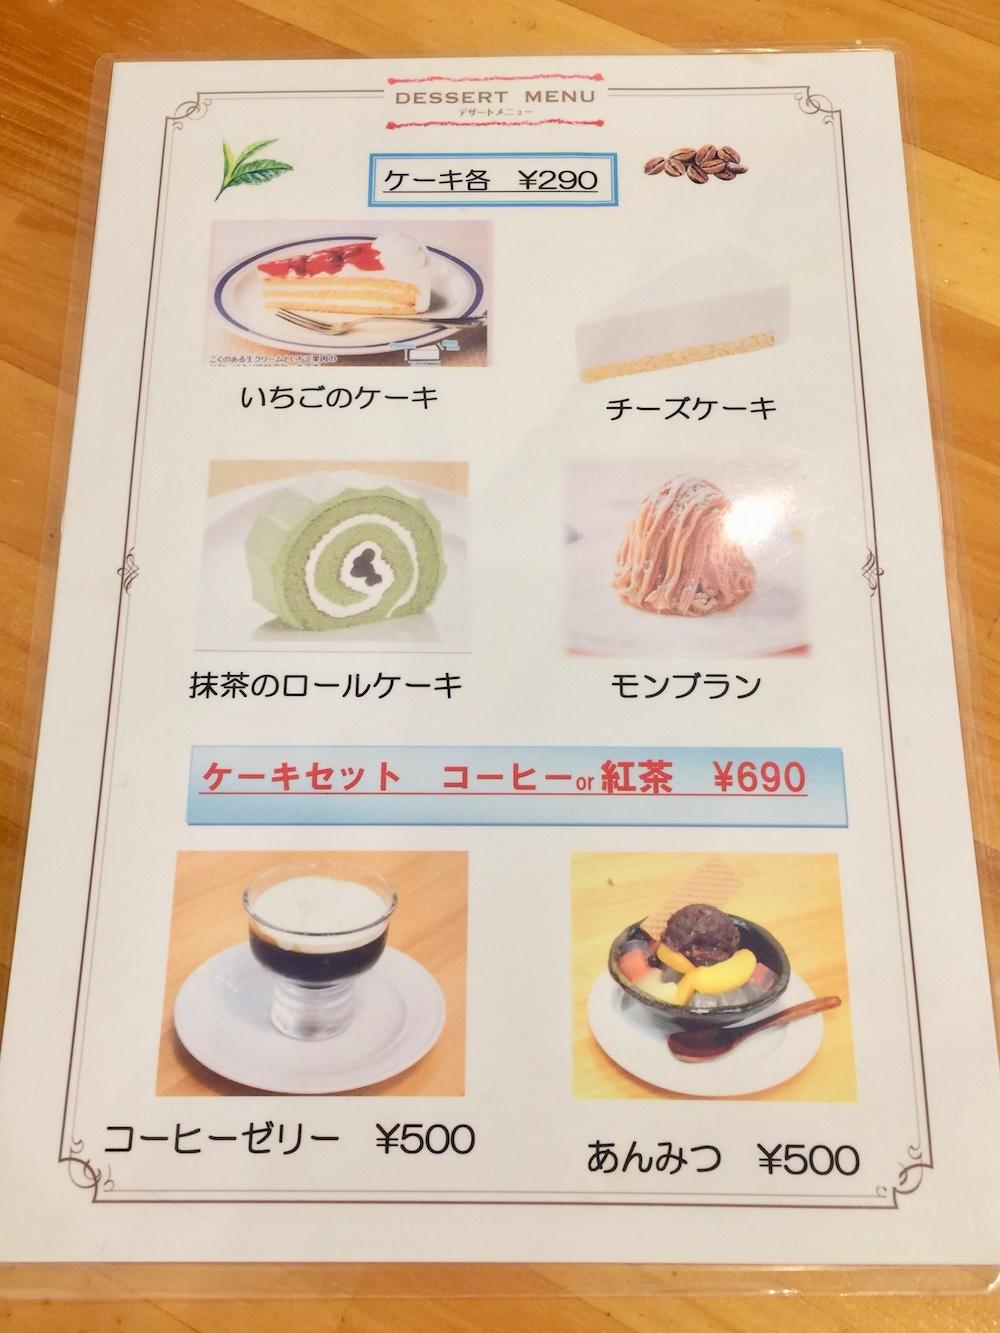 カフェモーニングメニュー(デザート)